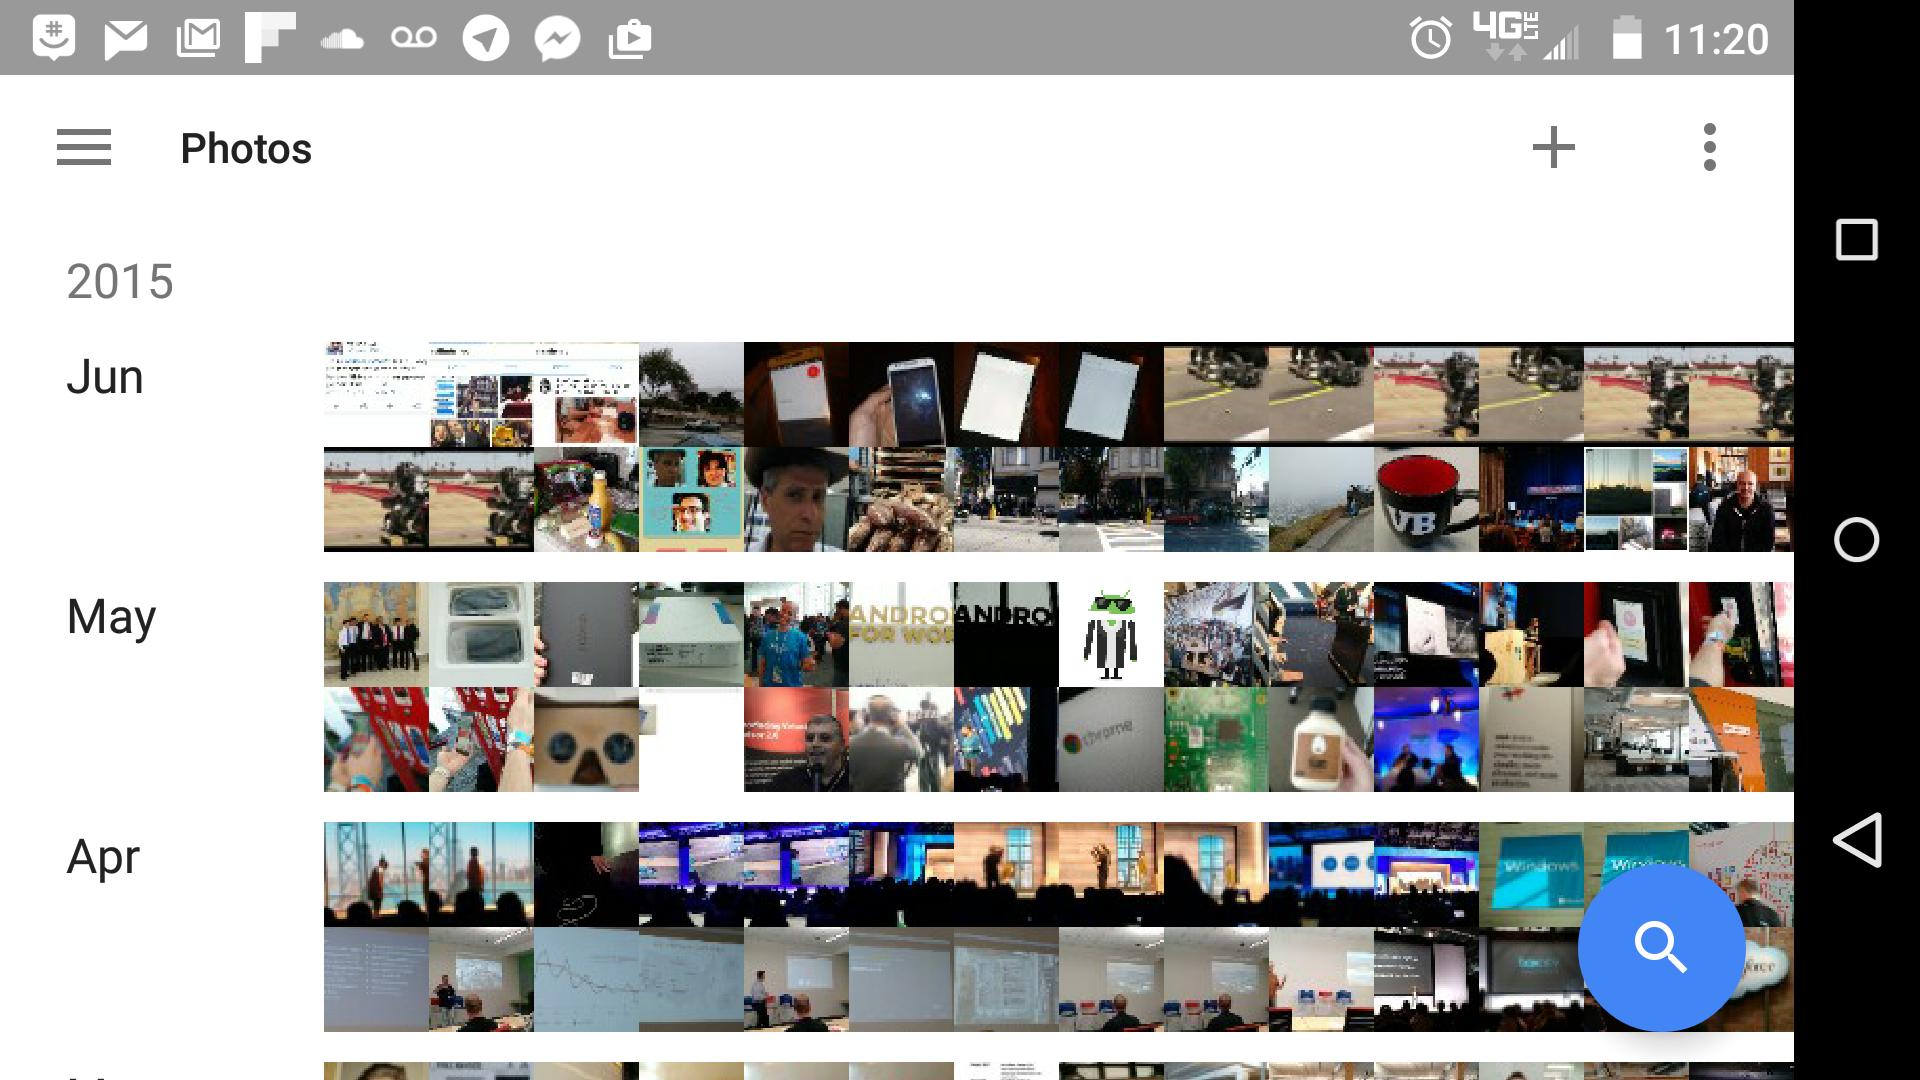 Google Photos on my phone.